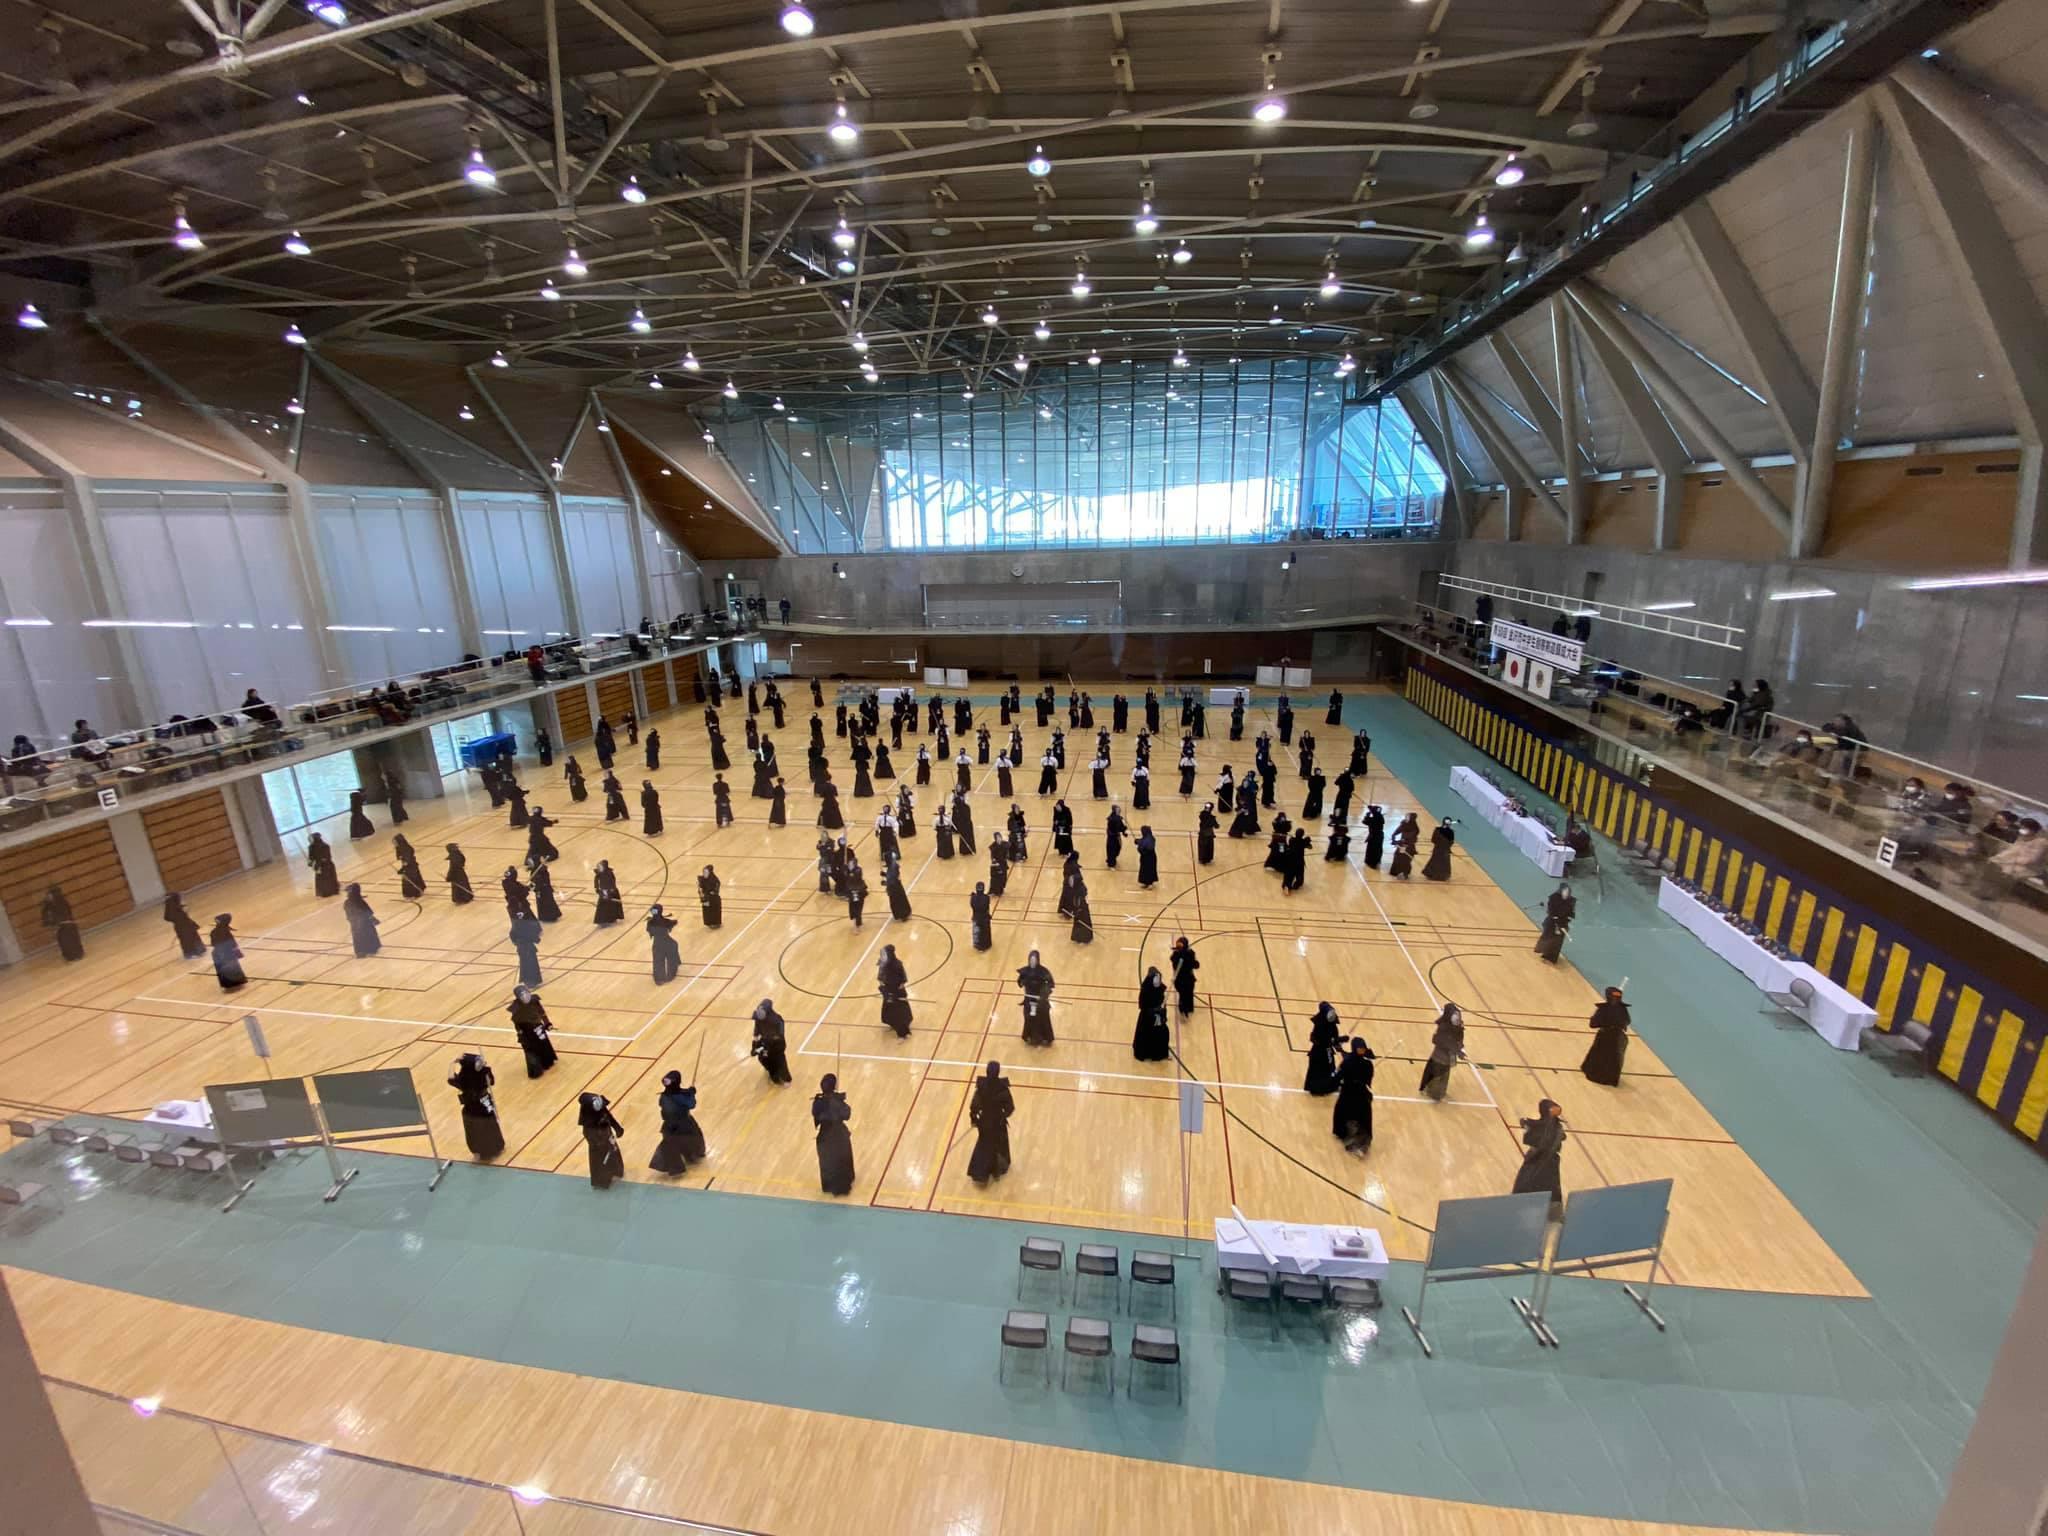 トーナメント公開 39th全国高校選抜空手道 IN 石川_e0238098_10035537.jpg